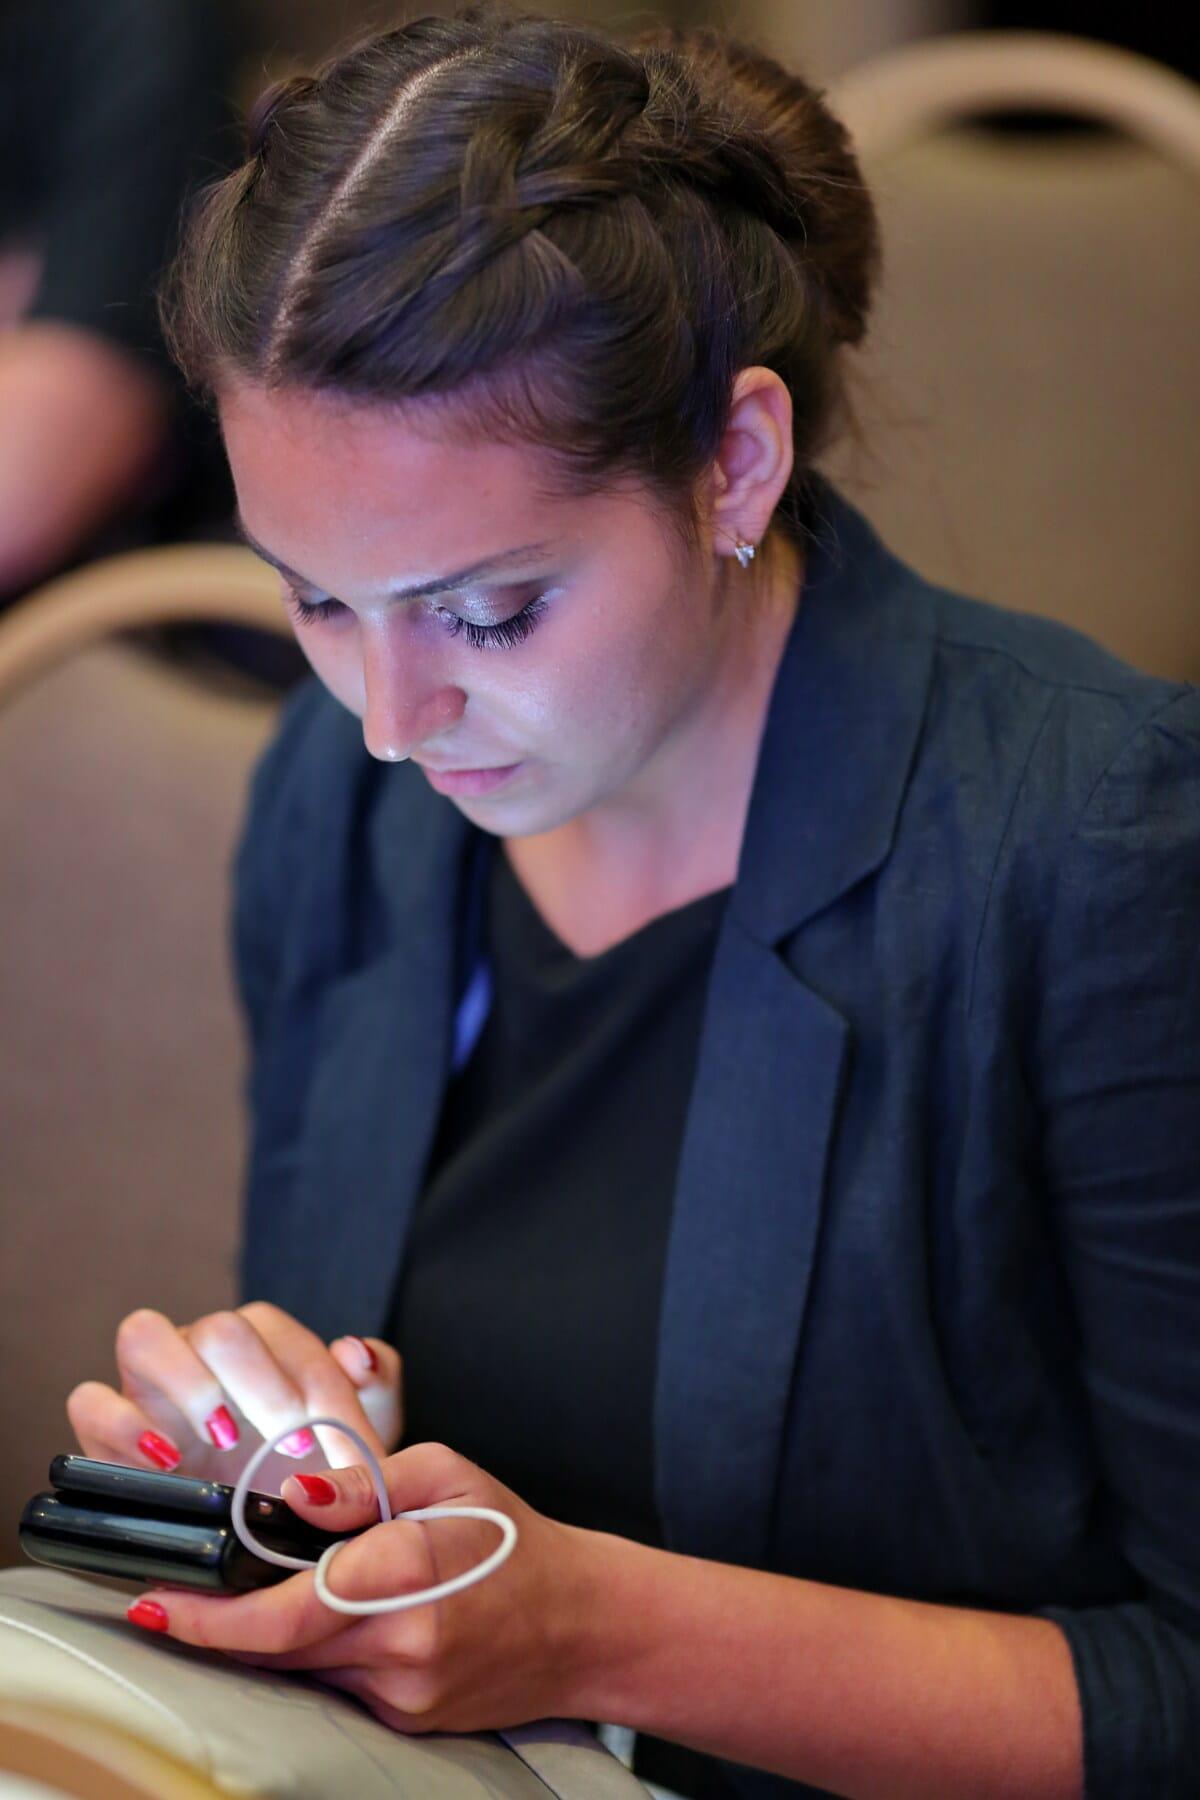 junge Frau, Mobiltelefon, halten, Konferenz, sitzen, Frau, Geschäft, Person, Anzug, Menschen